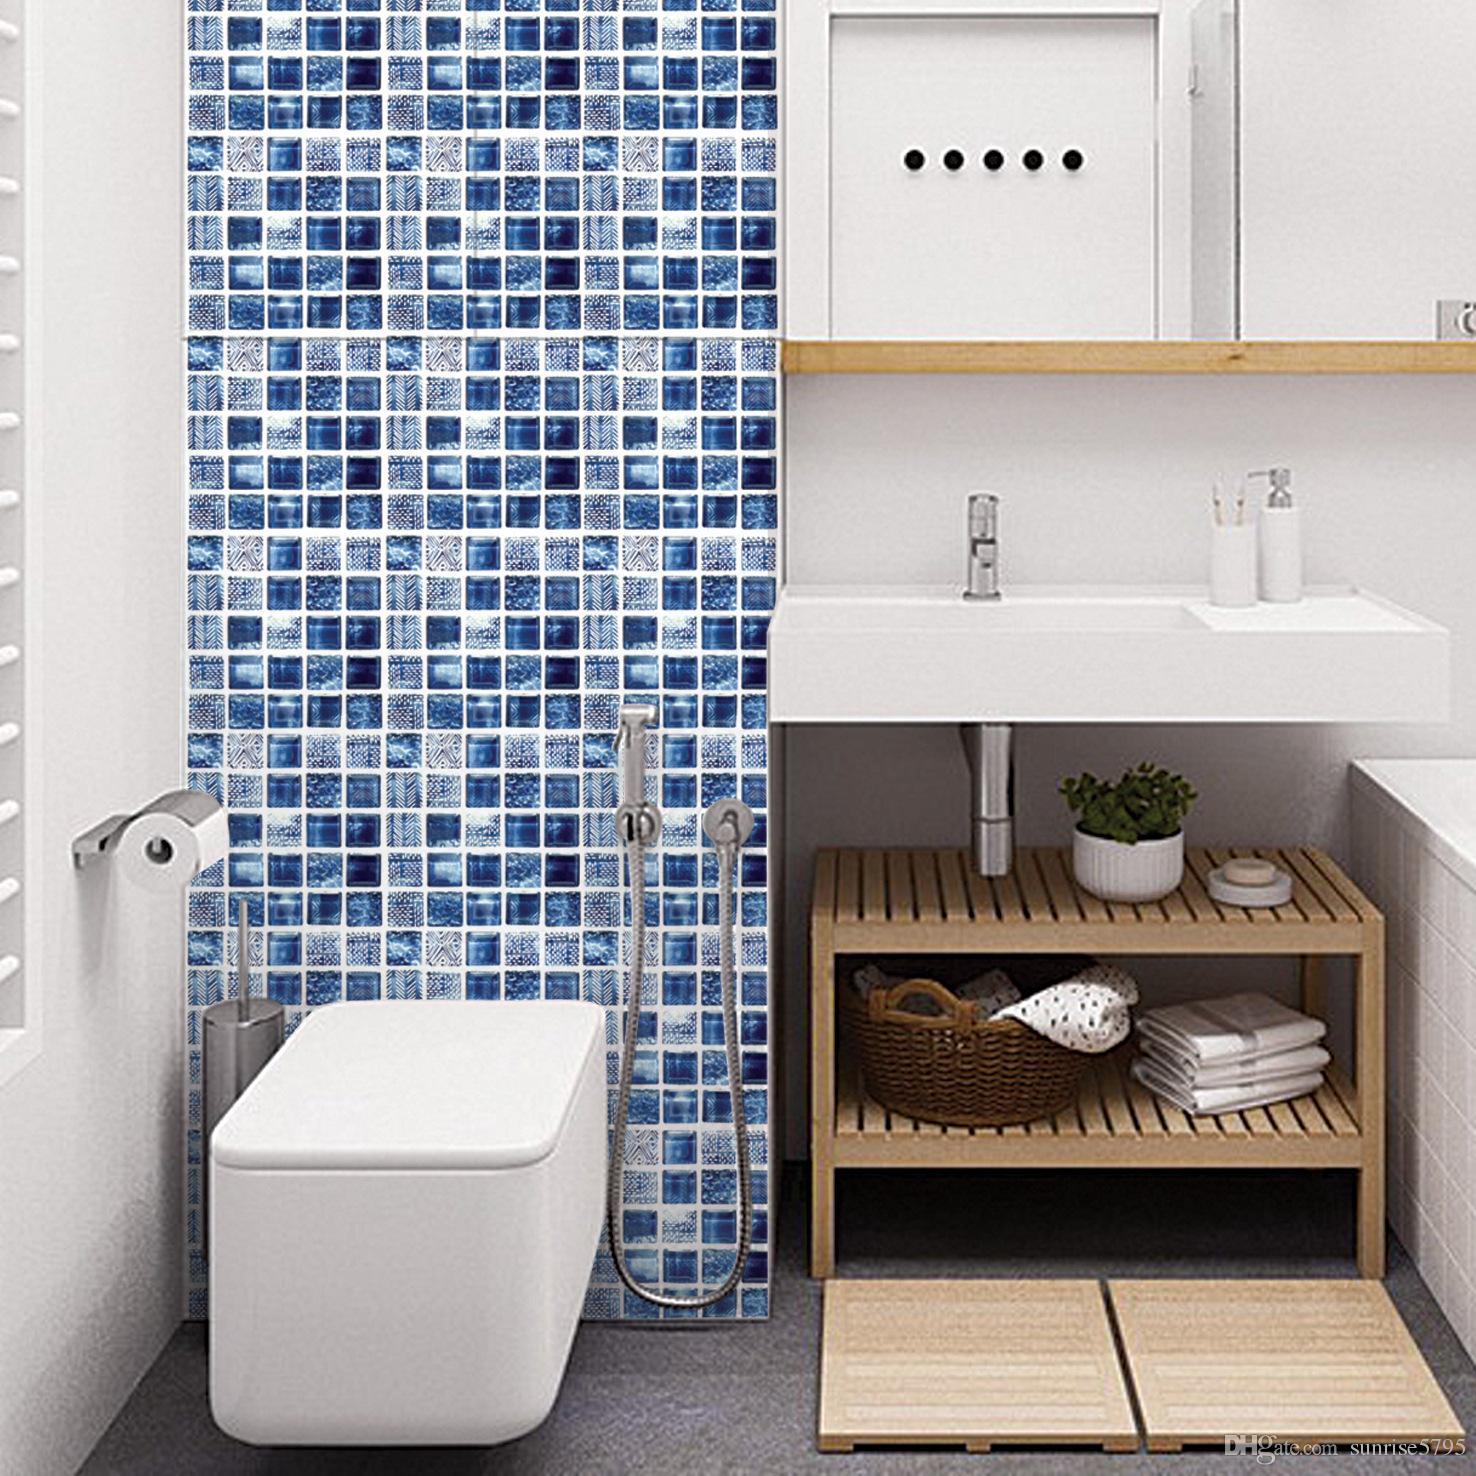 Blau 3d Fliesen Aufkleber Mosaik Wandaufkleber Raumdekoration Diy Wohnzimmer Küche Badezimmer Poster Selbstklebende Aufkleber